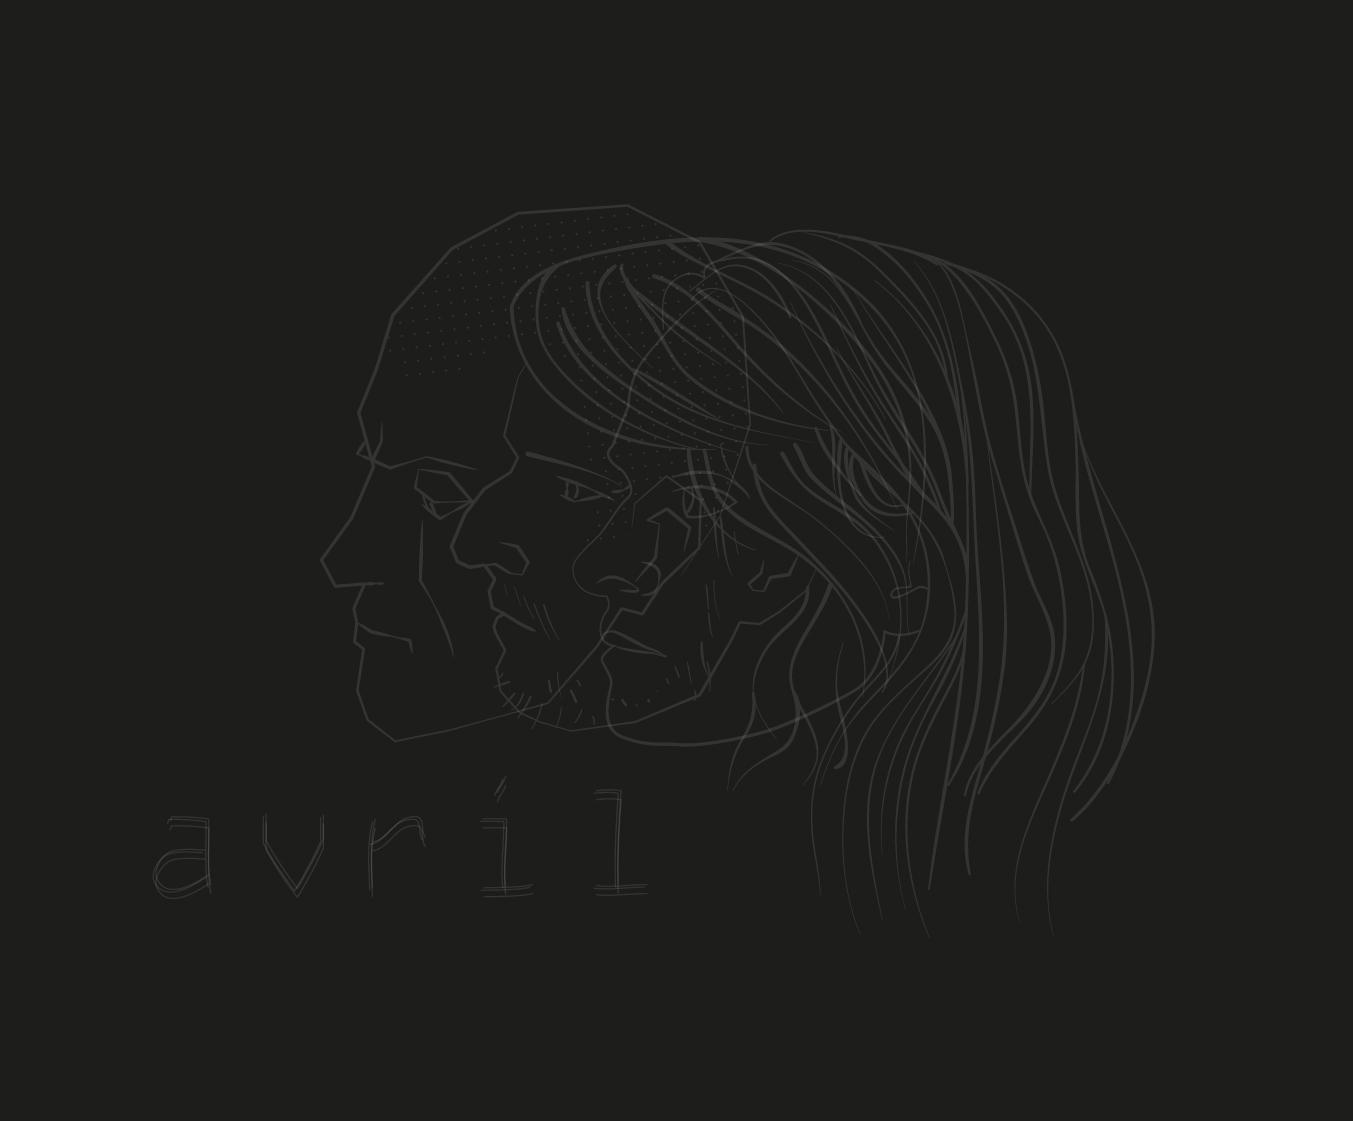 avril_cover-07.jpg